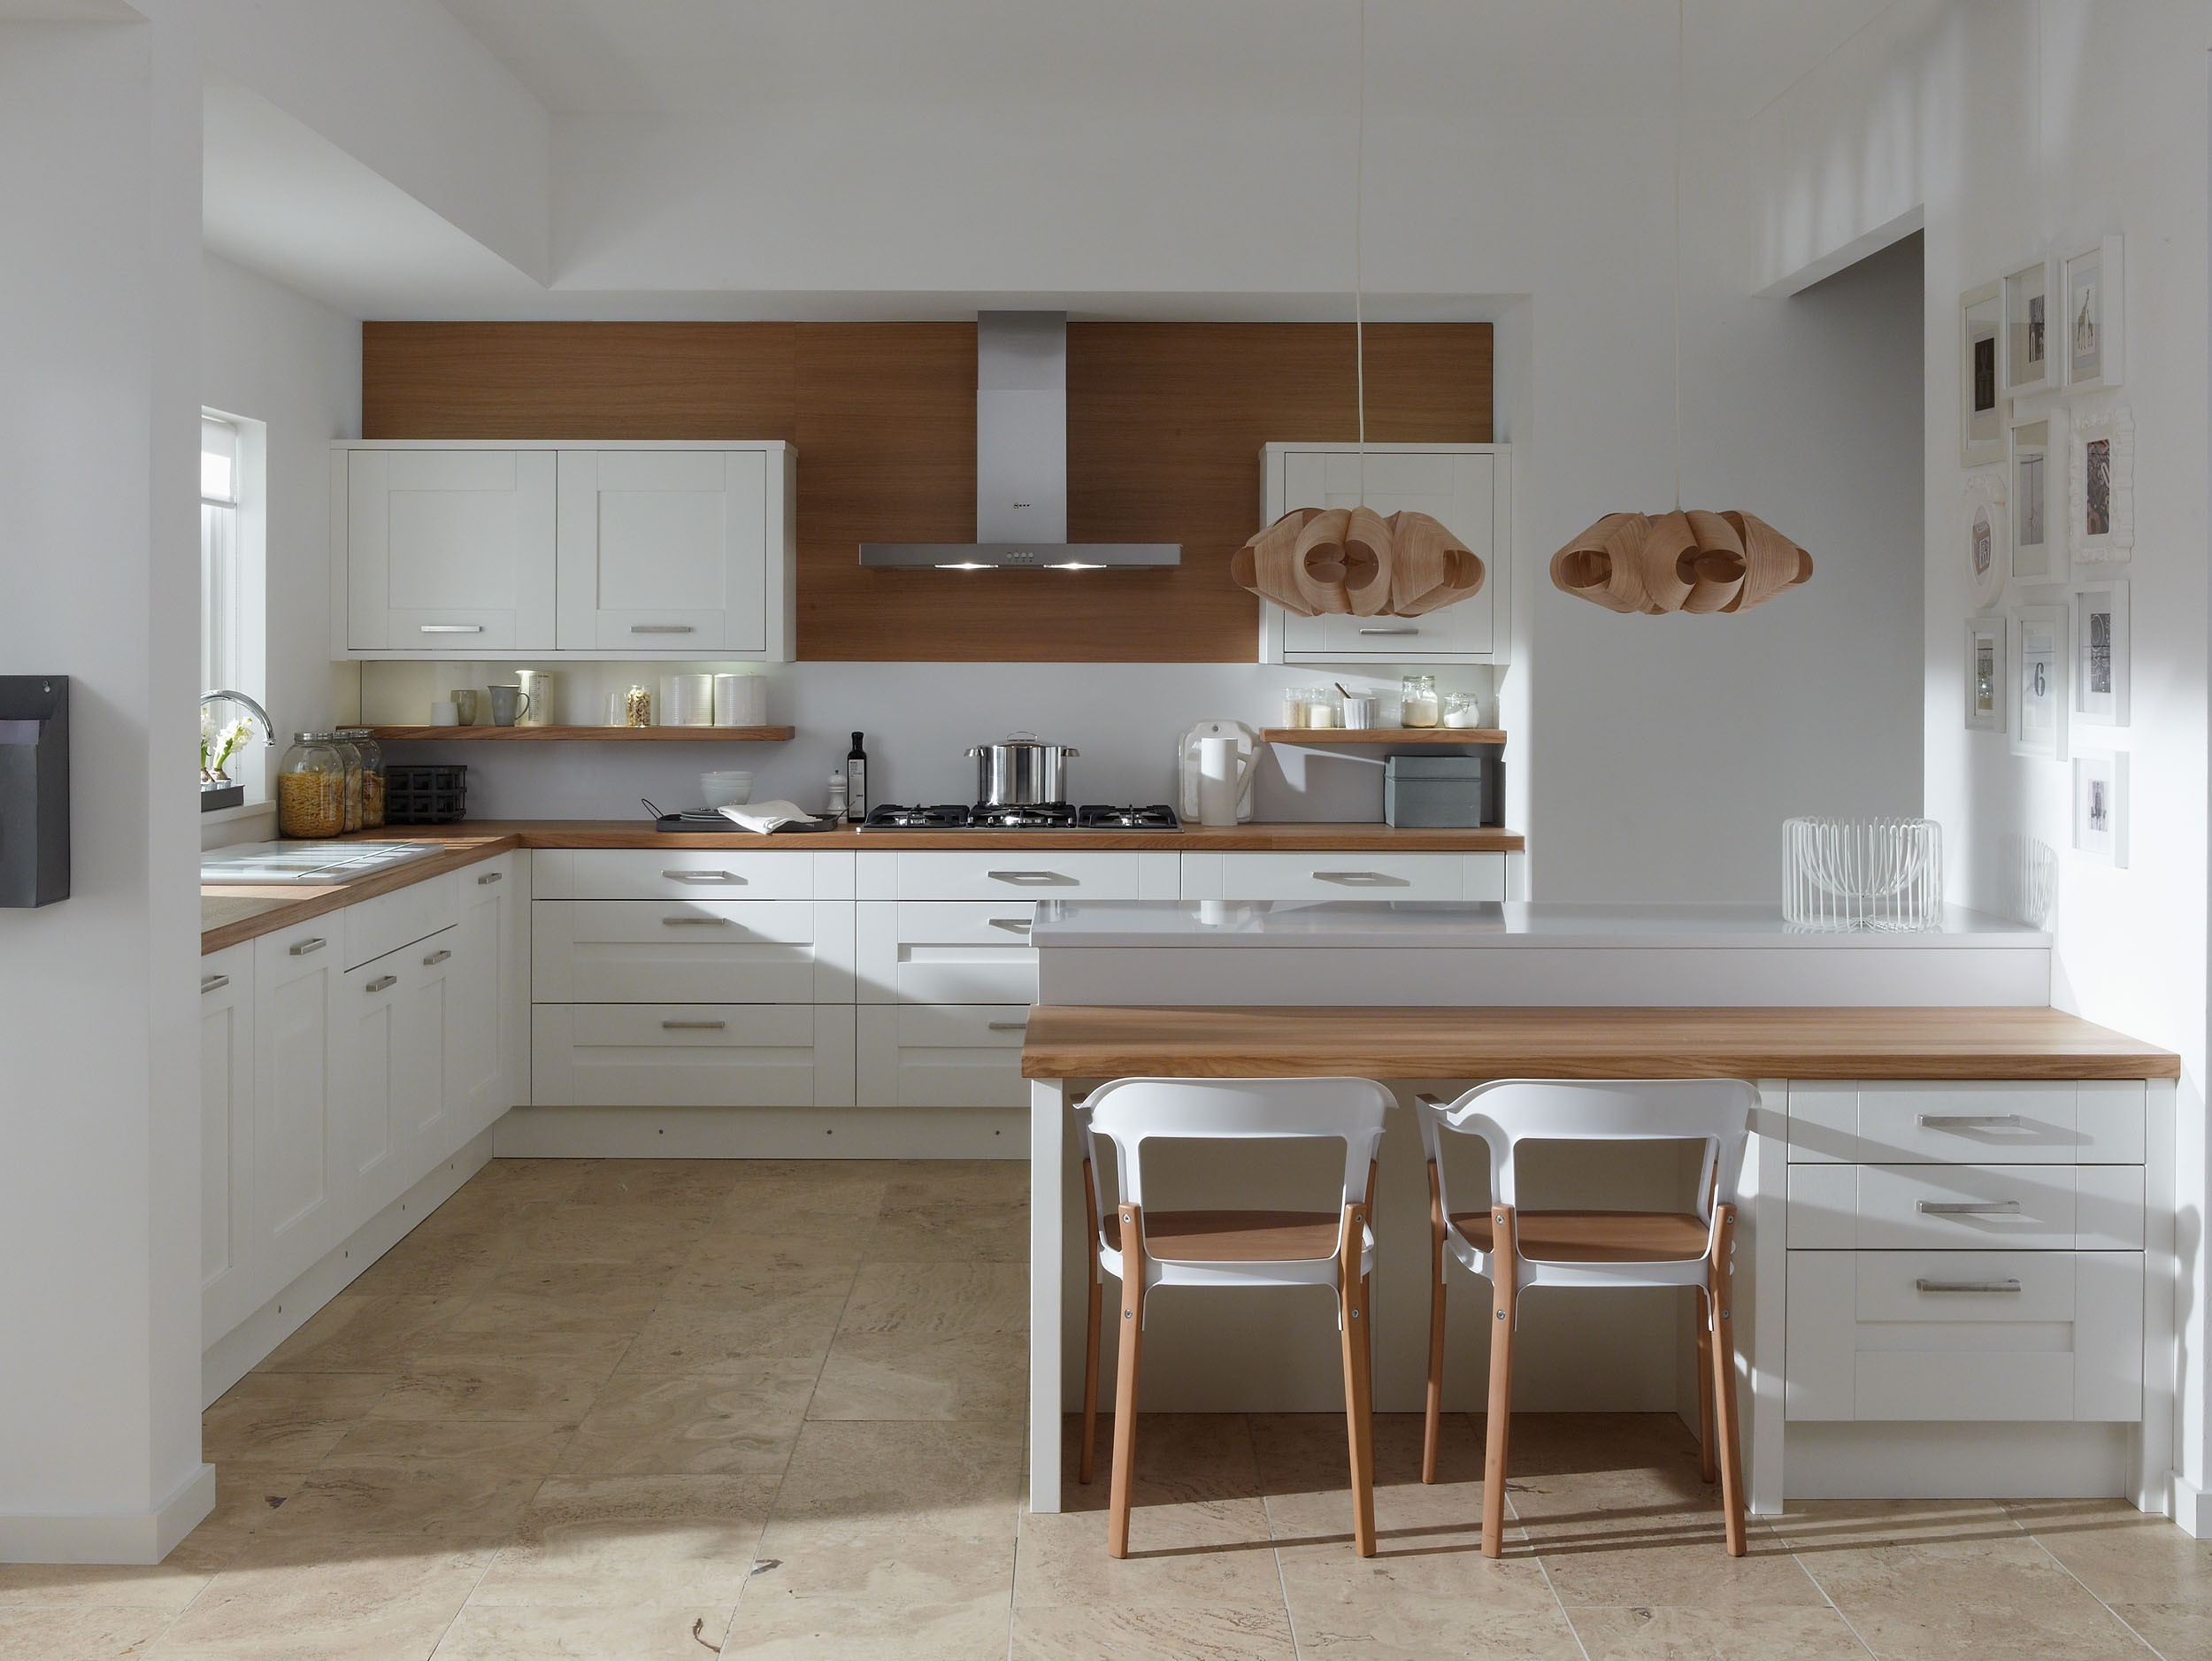 Come arredare una cucina con mobili bianchi e legno - Pulire mobili legno cucina ...